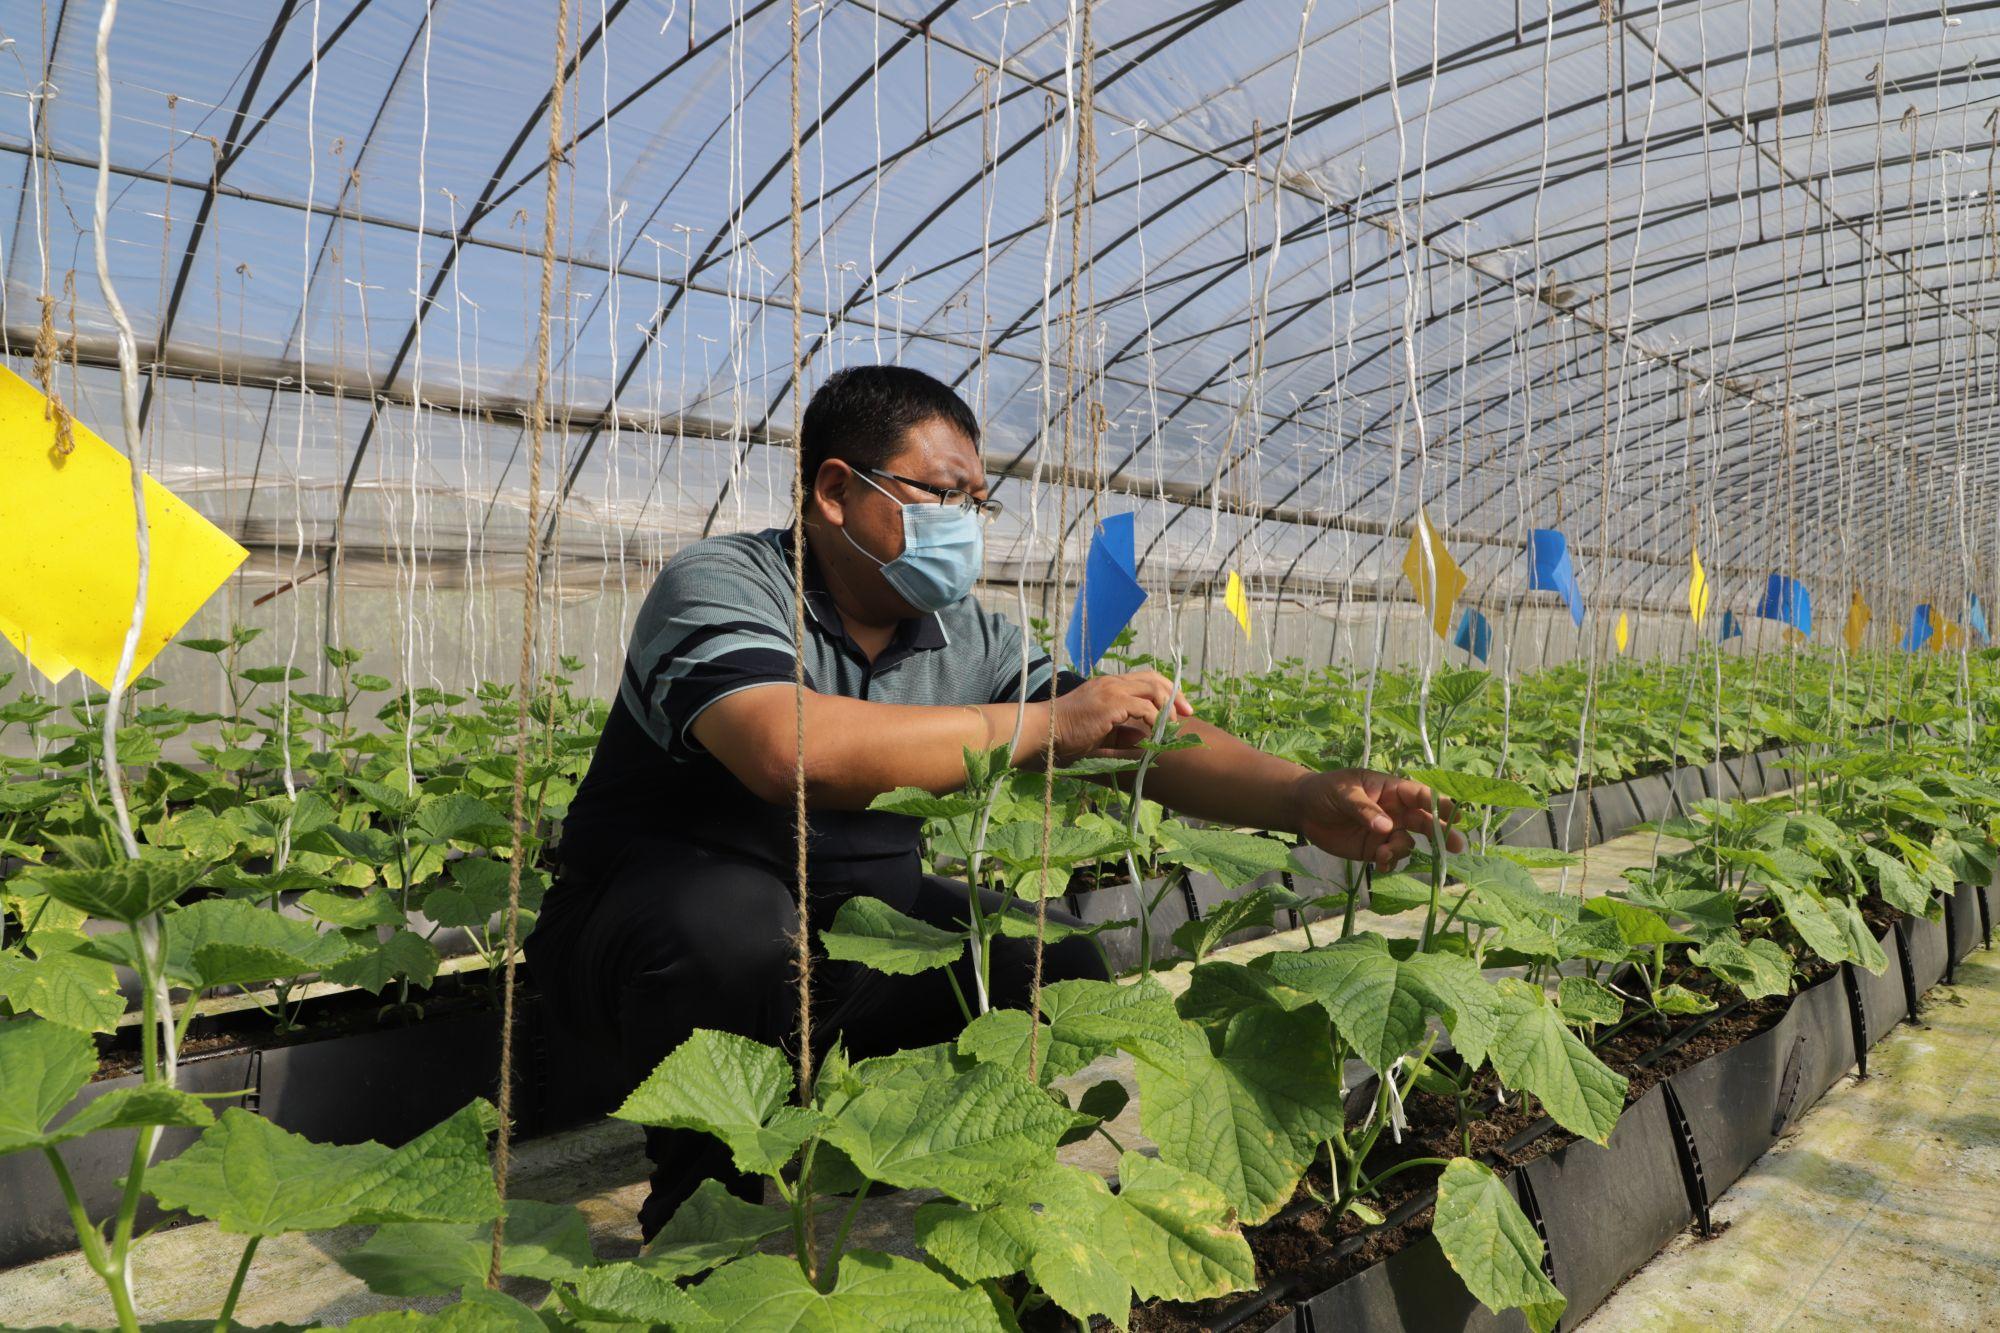 1.技术员正在检查基质栽培秧苗的生长情况。王琳琳 摄